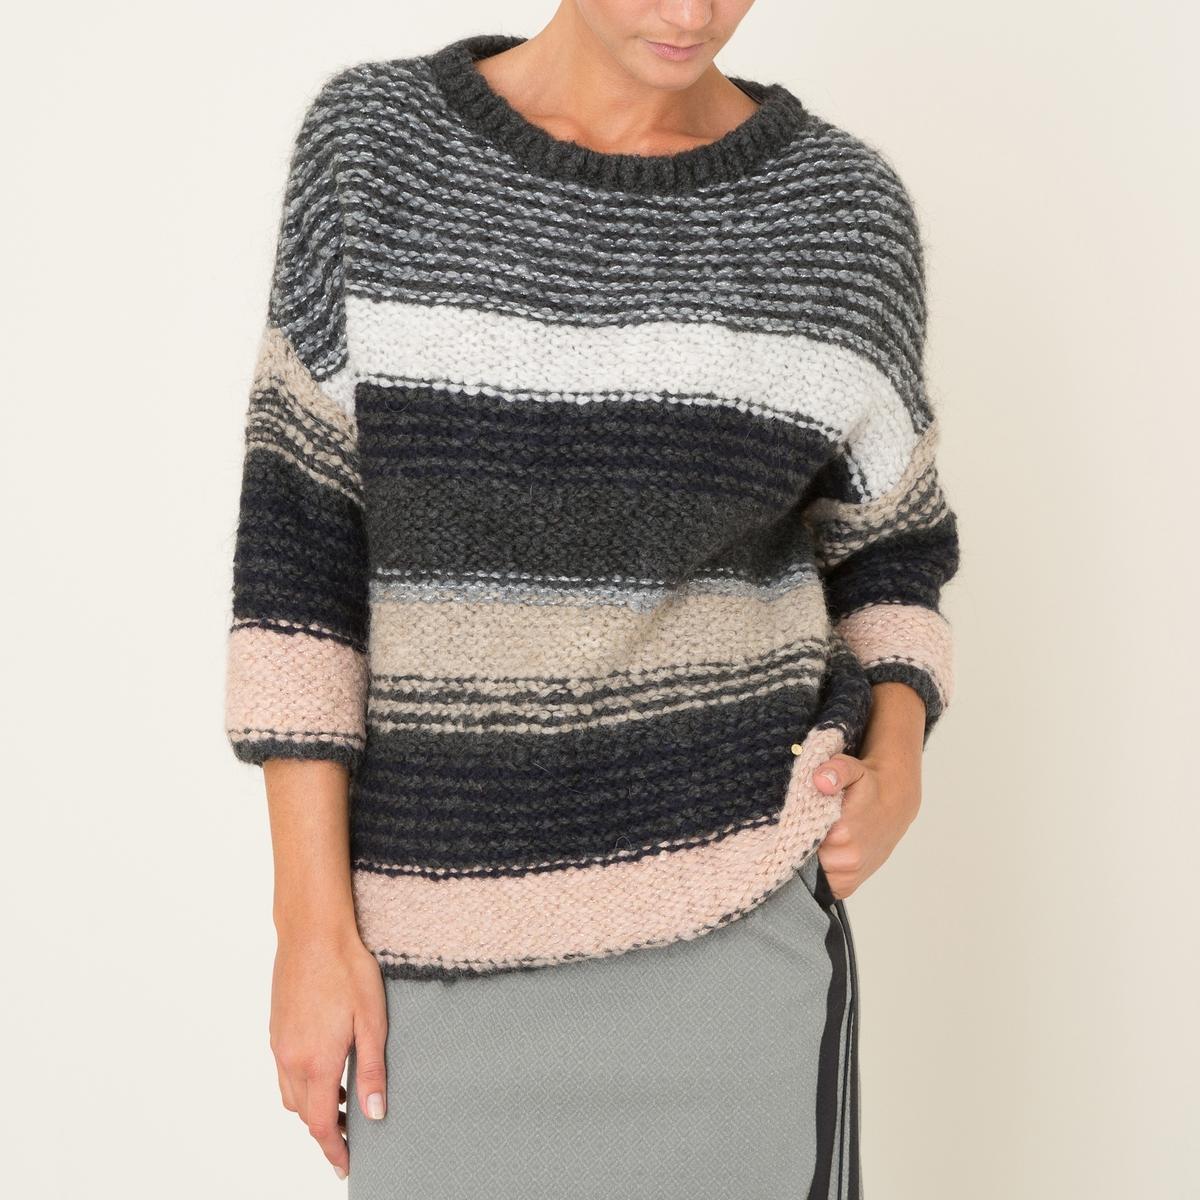 Пуловер объемного покрояСостав и описание Материал : 56% акрила, 18% мохера, 18% шерсти, 8% полиамидаМарка : STELLA FOREST<br><br>Цвет: серый